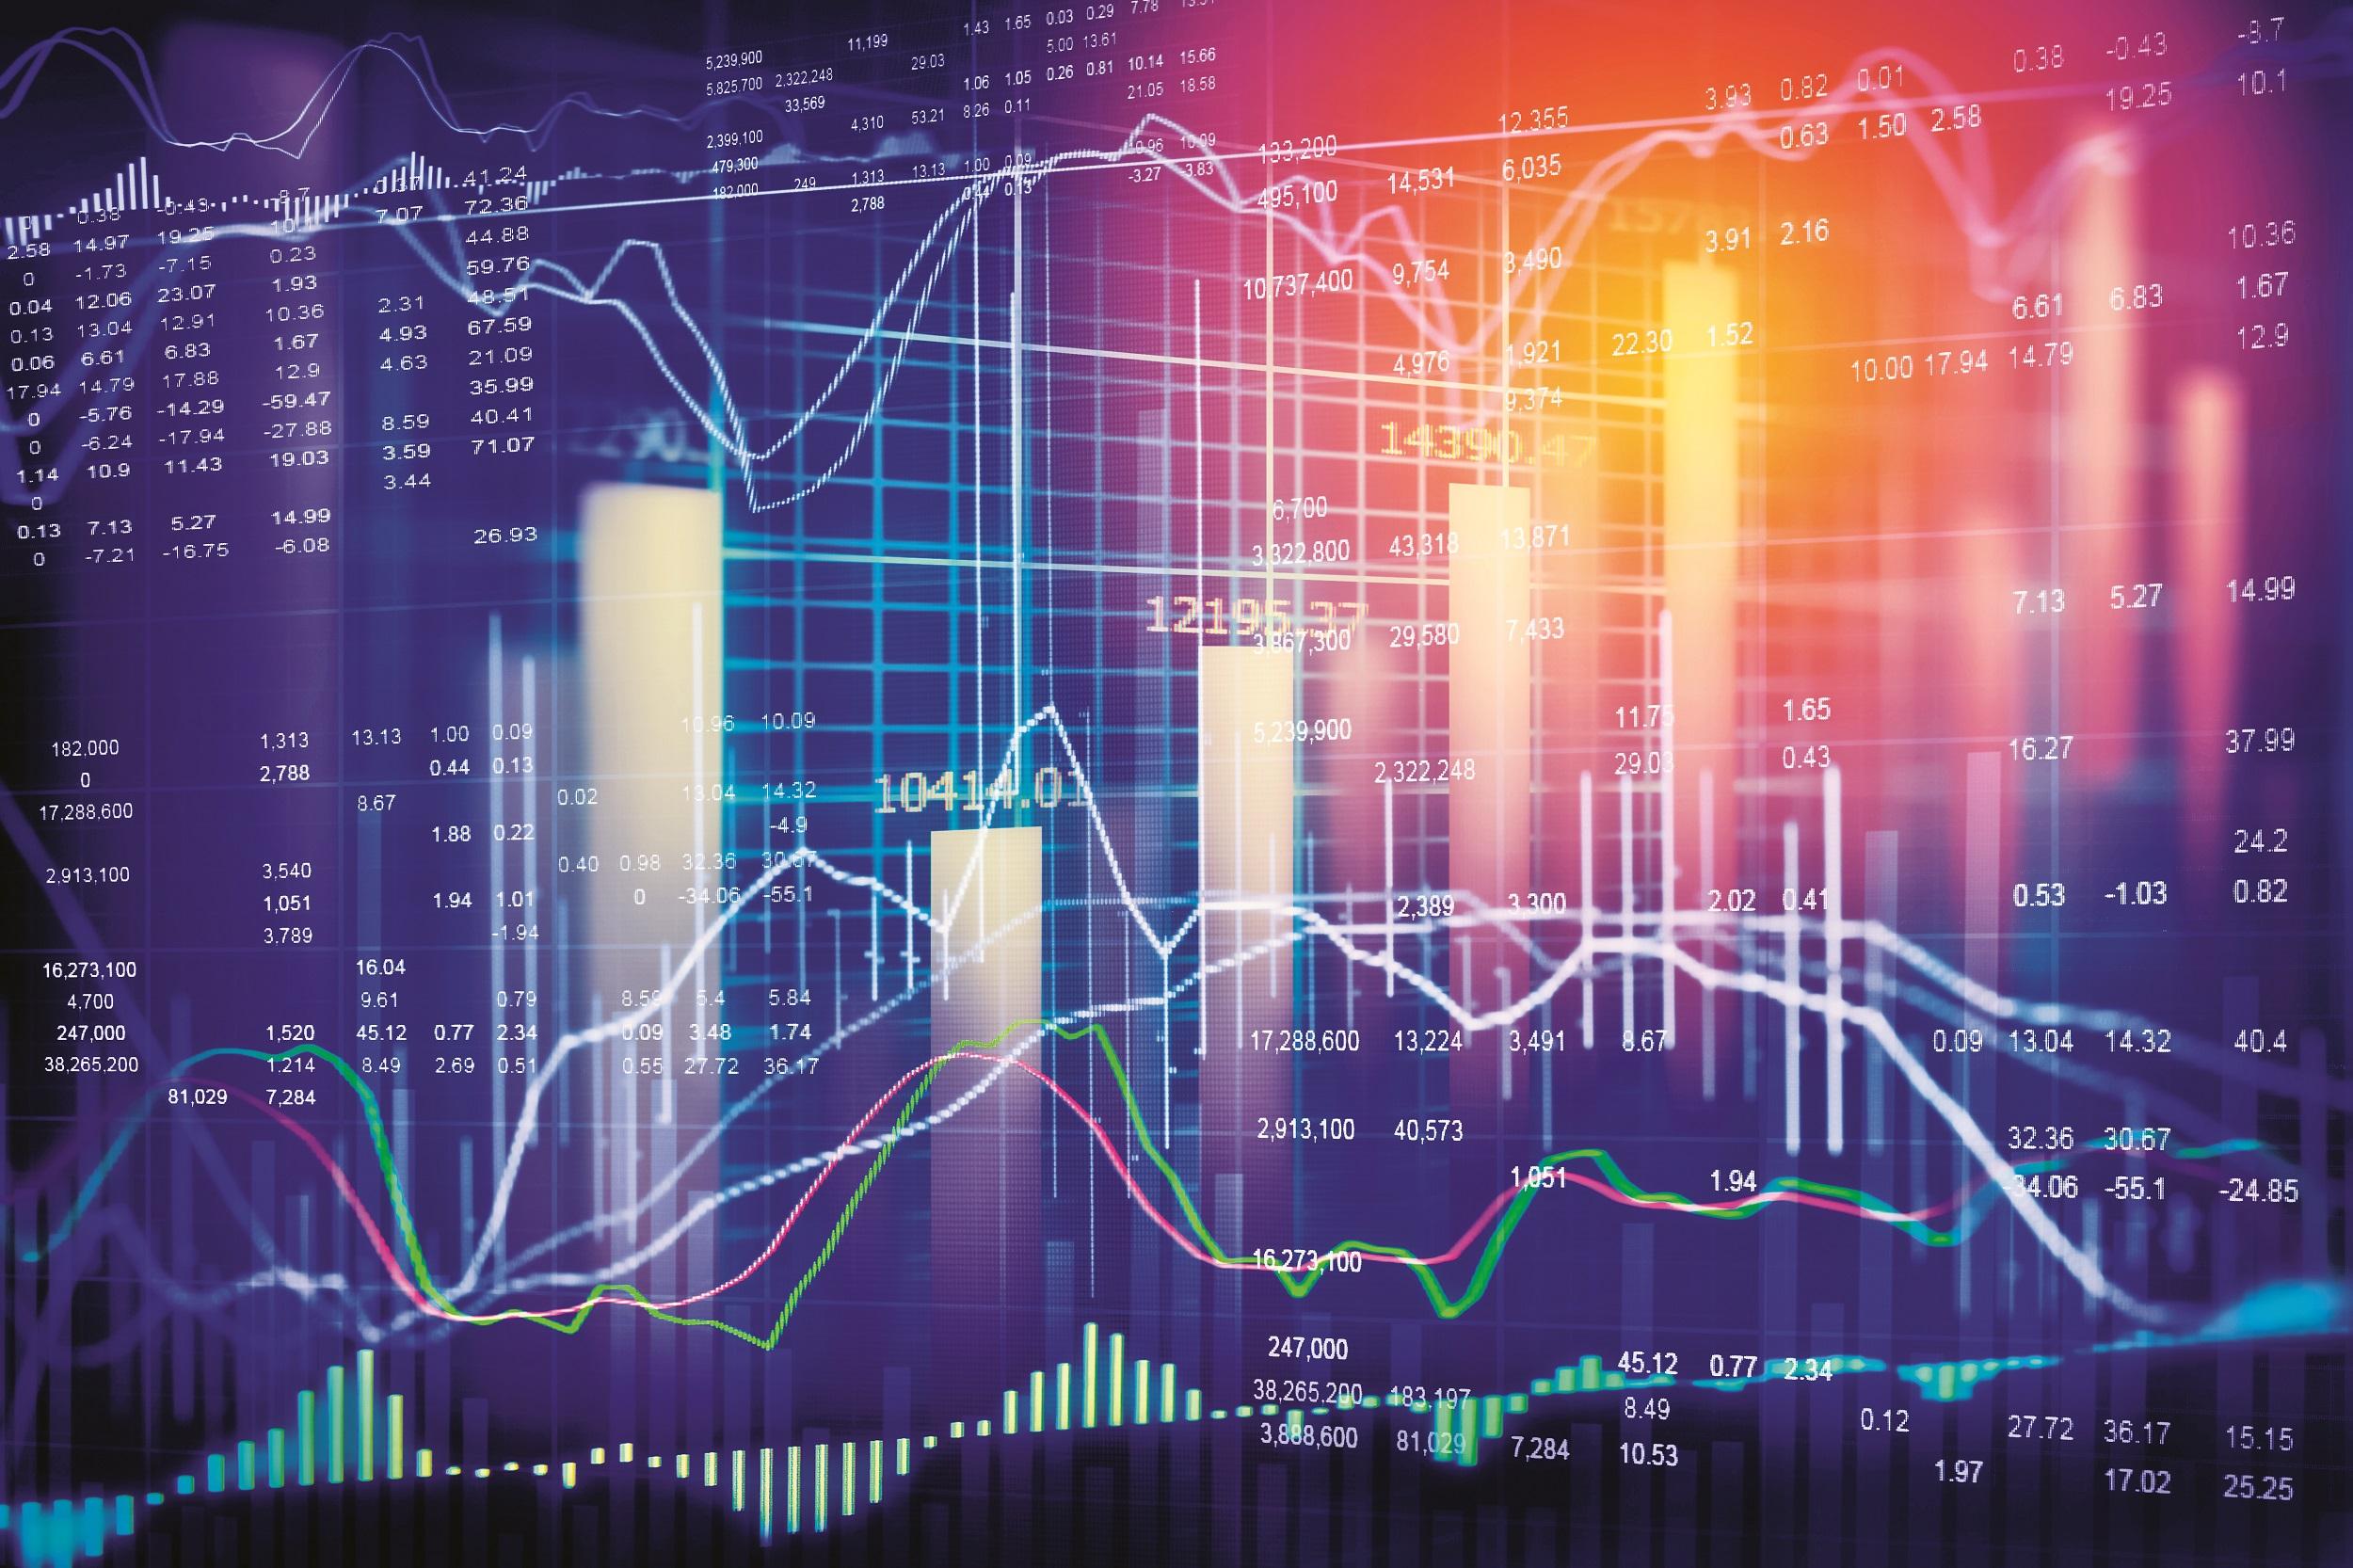 چشمانداز سودآوری شرکتهای بورسی